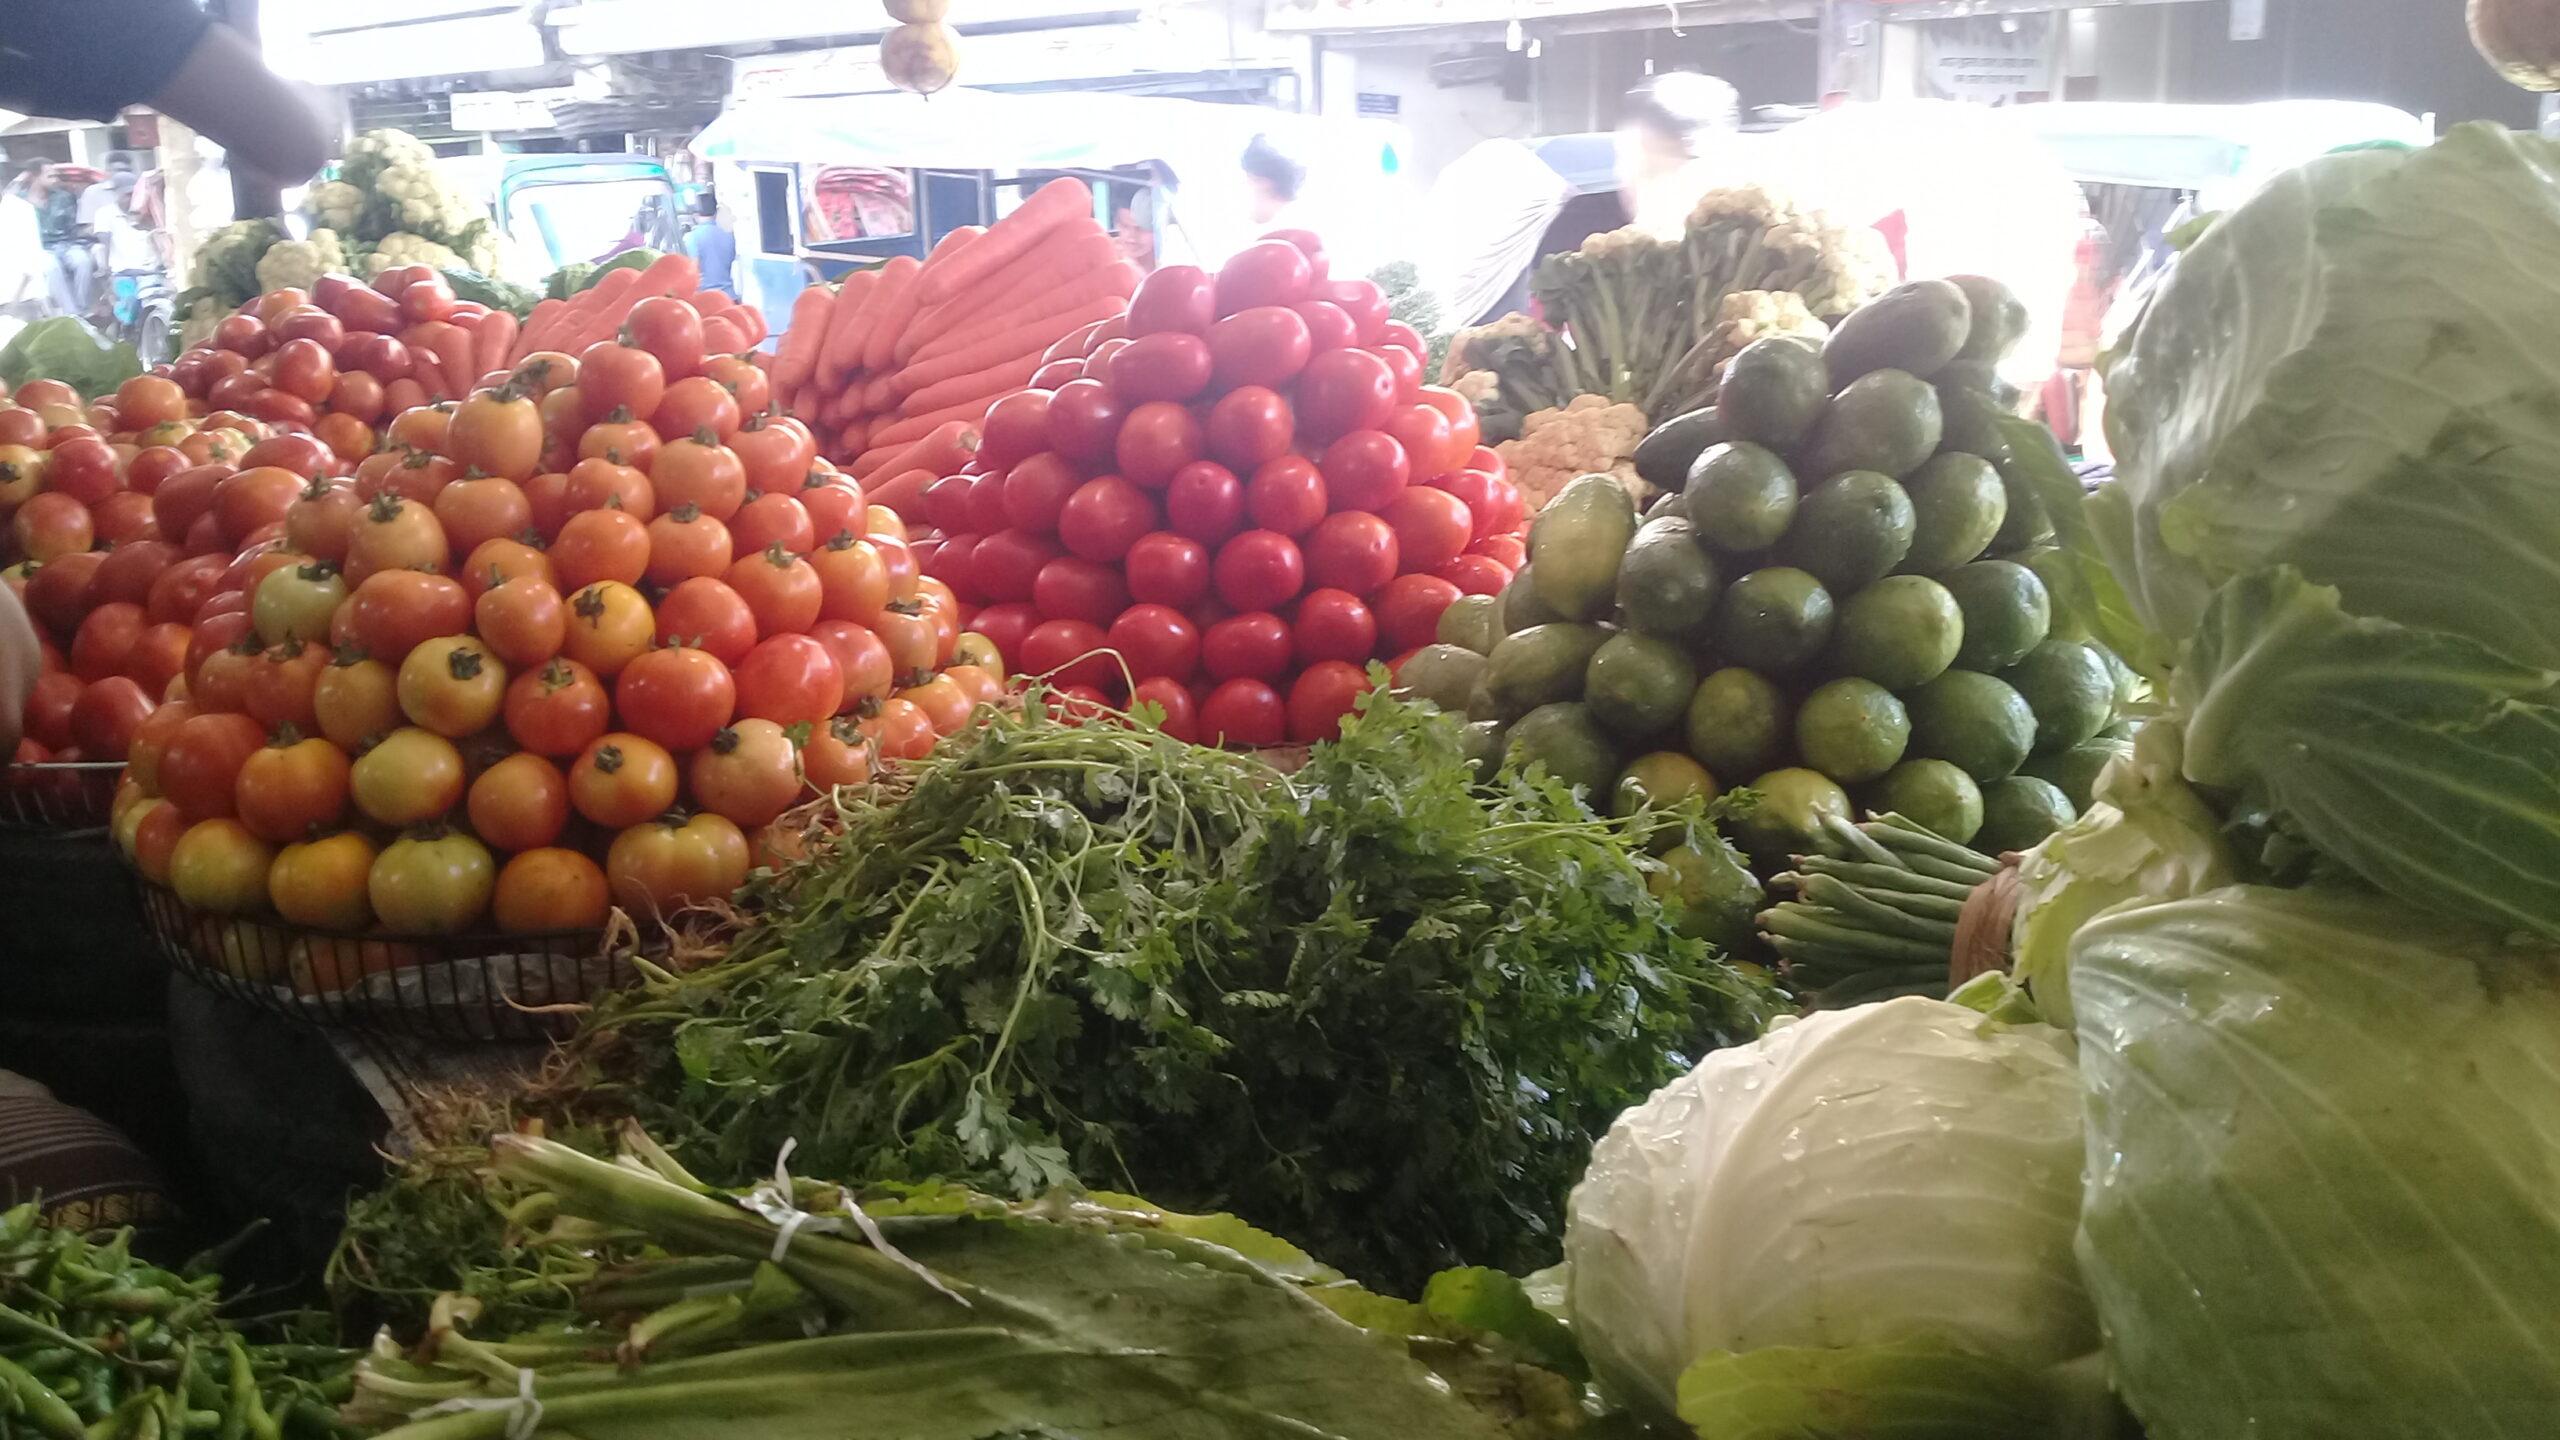 মৌলভীবাজারে সবজির দাম আকাশছোঁয়া,মিলছেনা সরকার নির্ধারিত দামে আলু